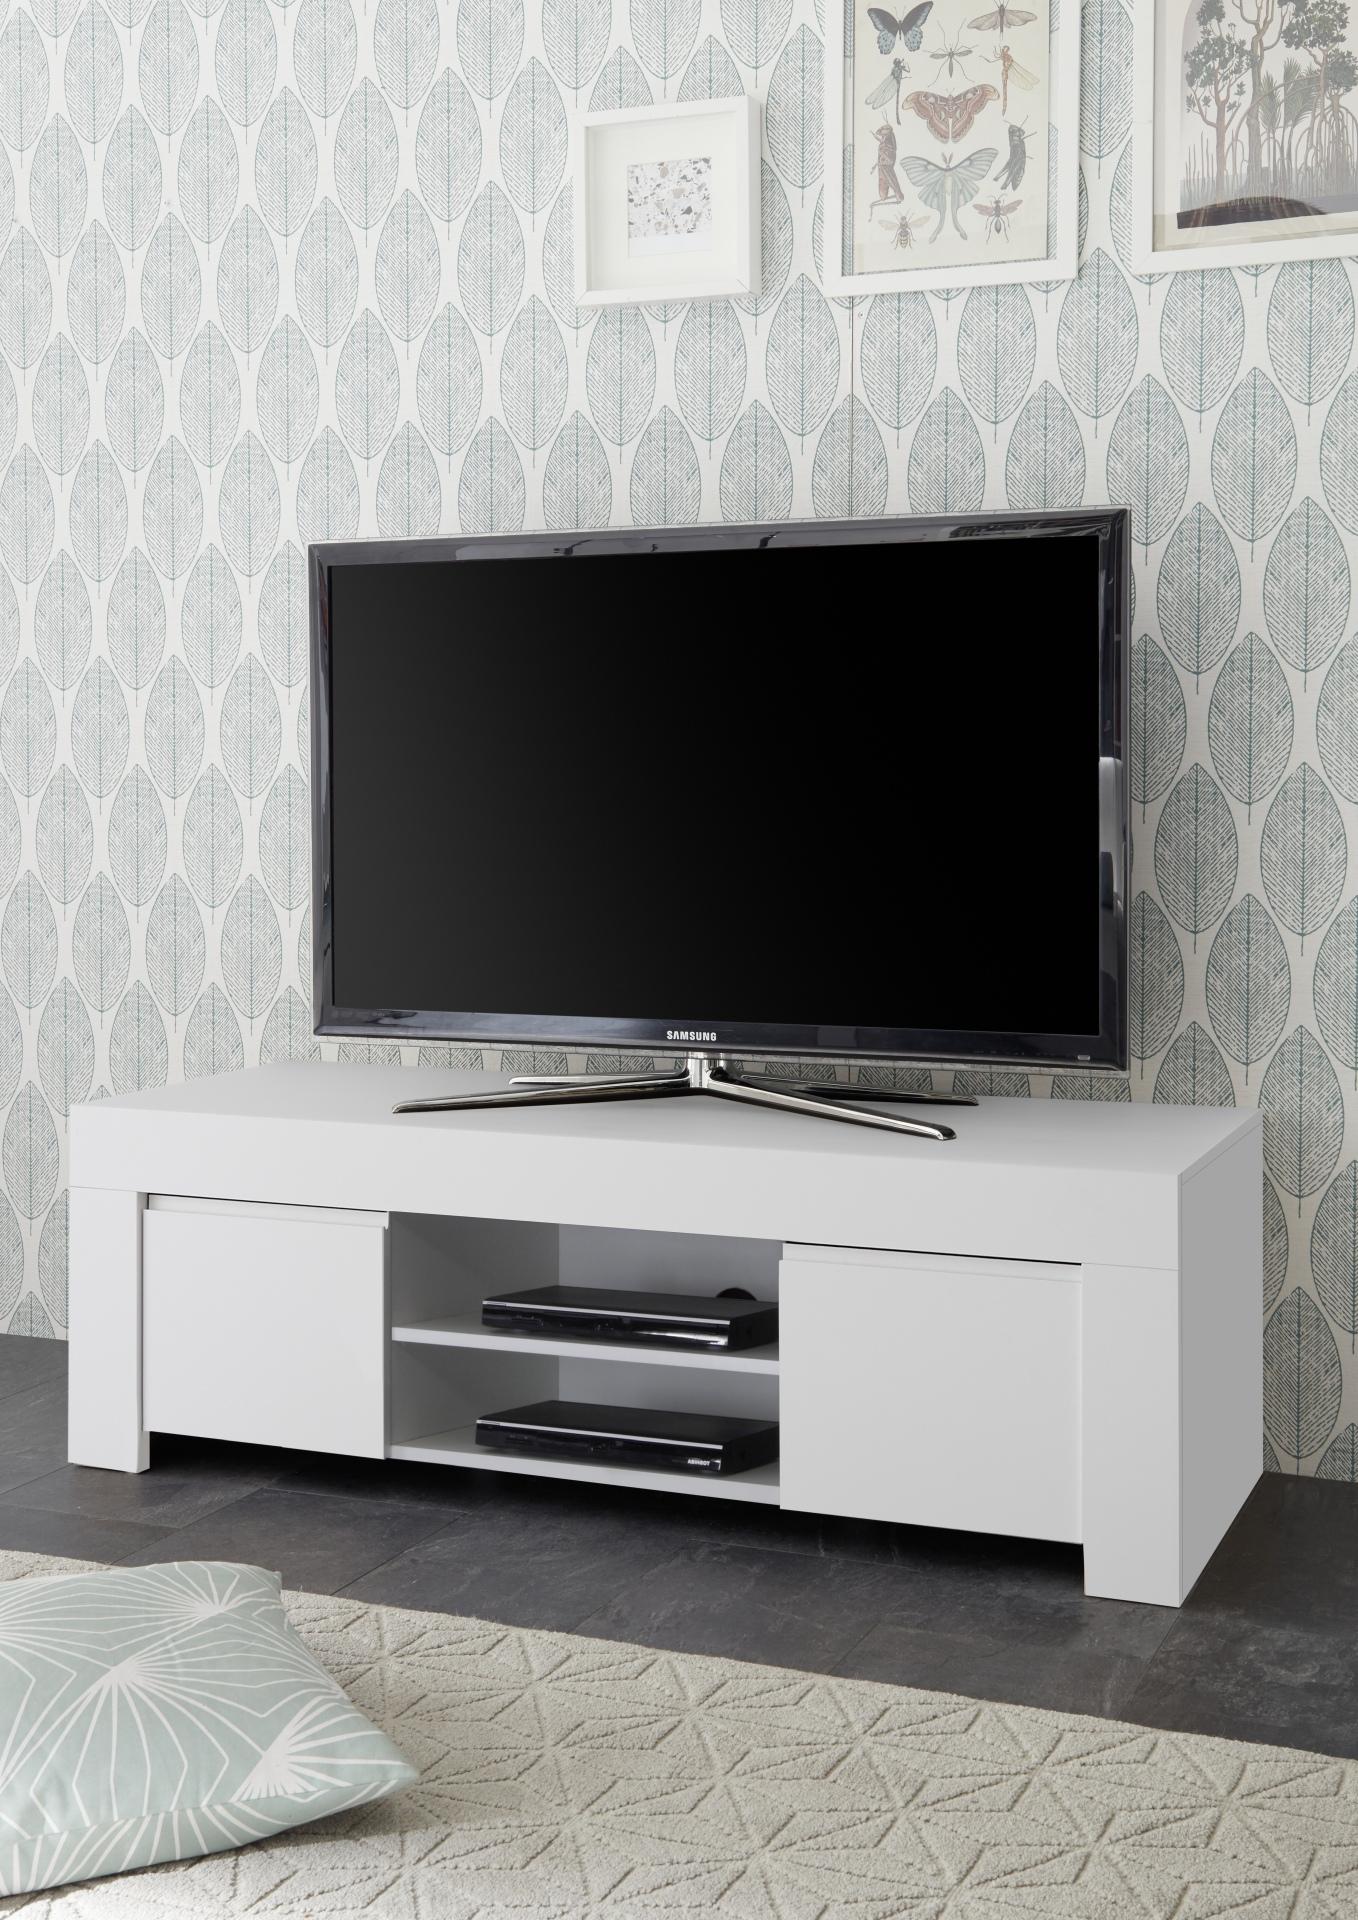 Lowboard Tv Meubel.Lowboard Mat Wit Kopen Aktie Wonen Nl